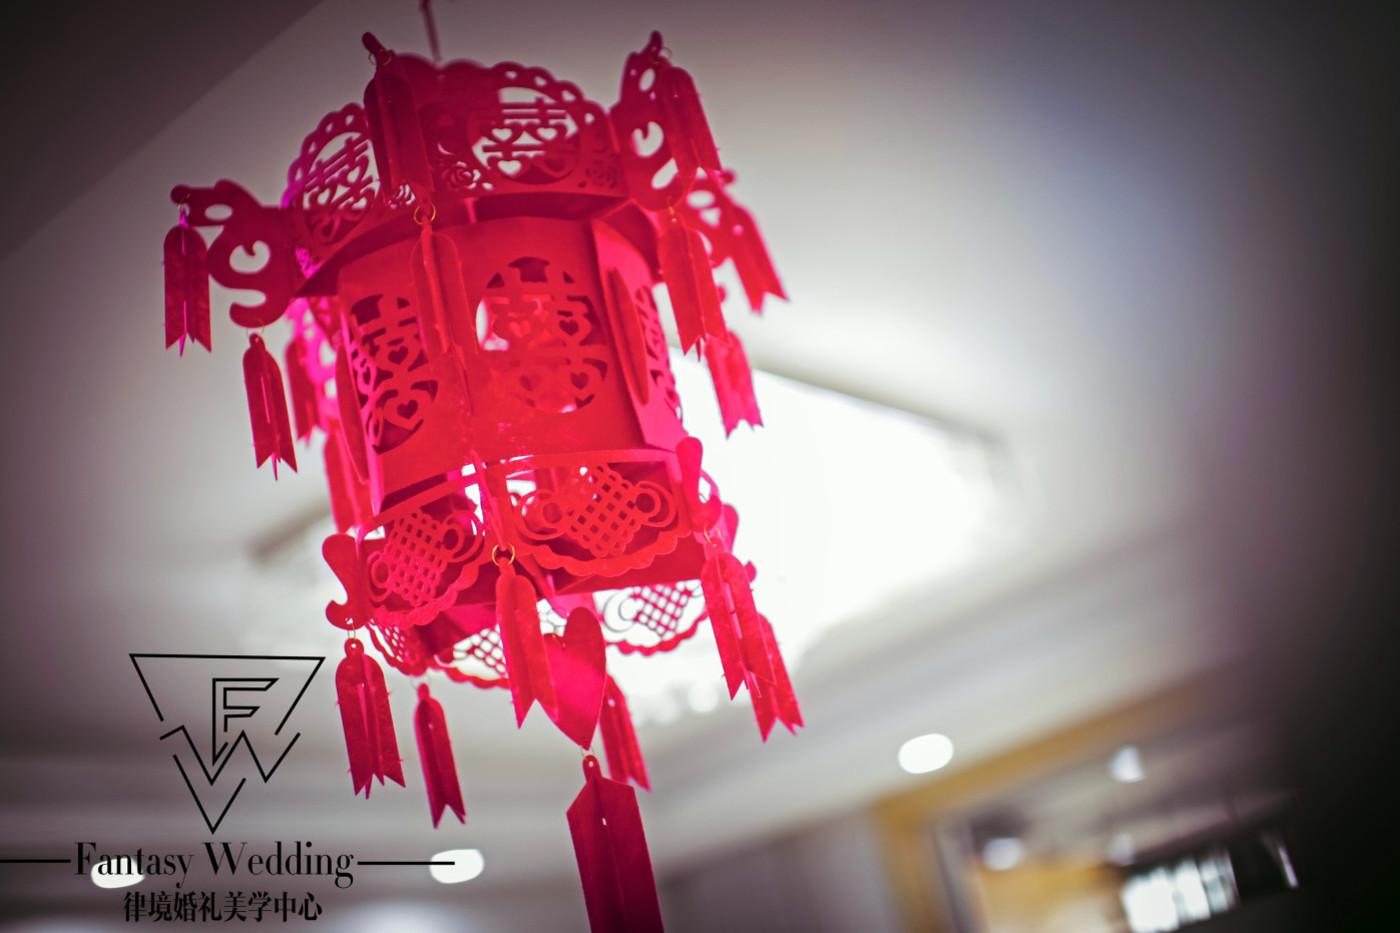 「Fantasy Wedding」&G R 白金汉爵1